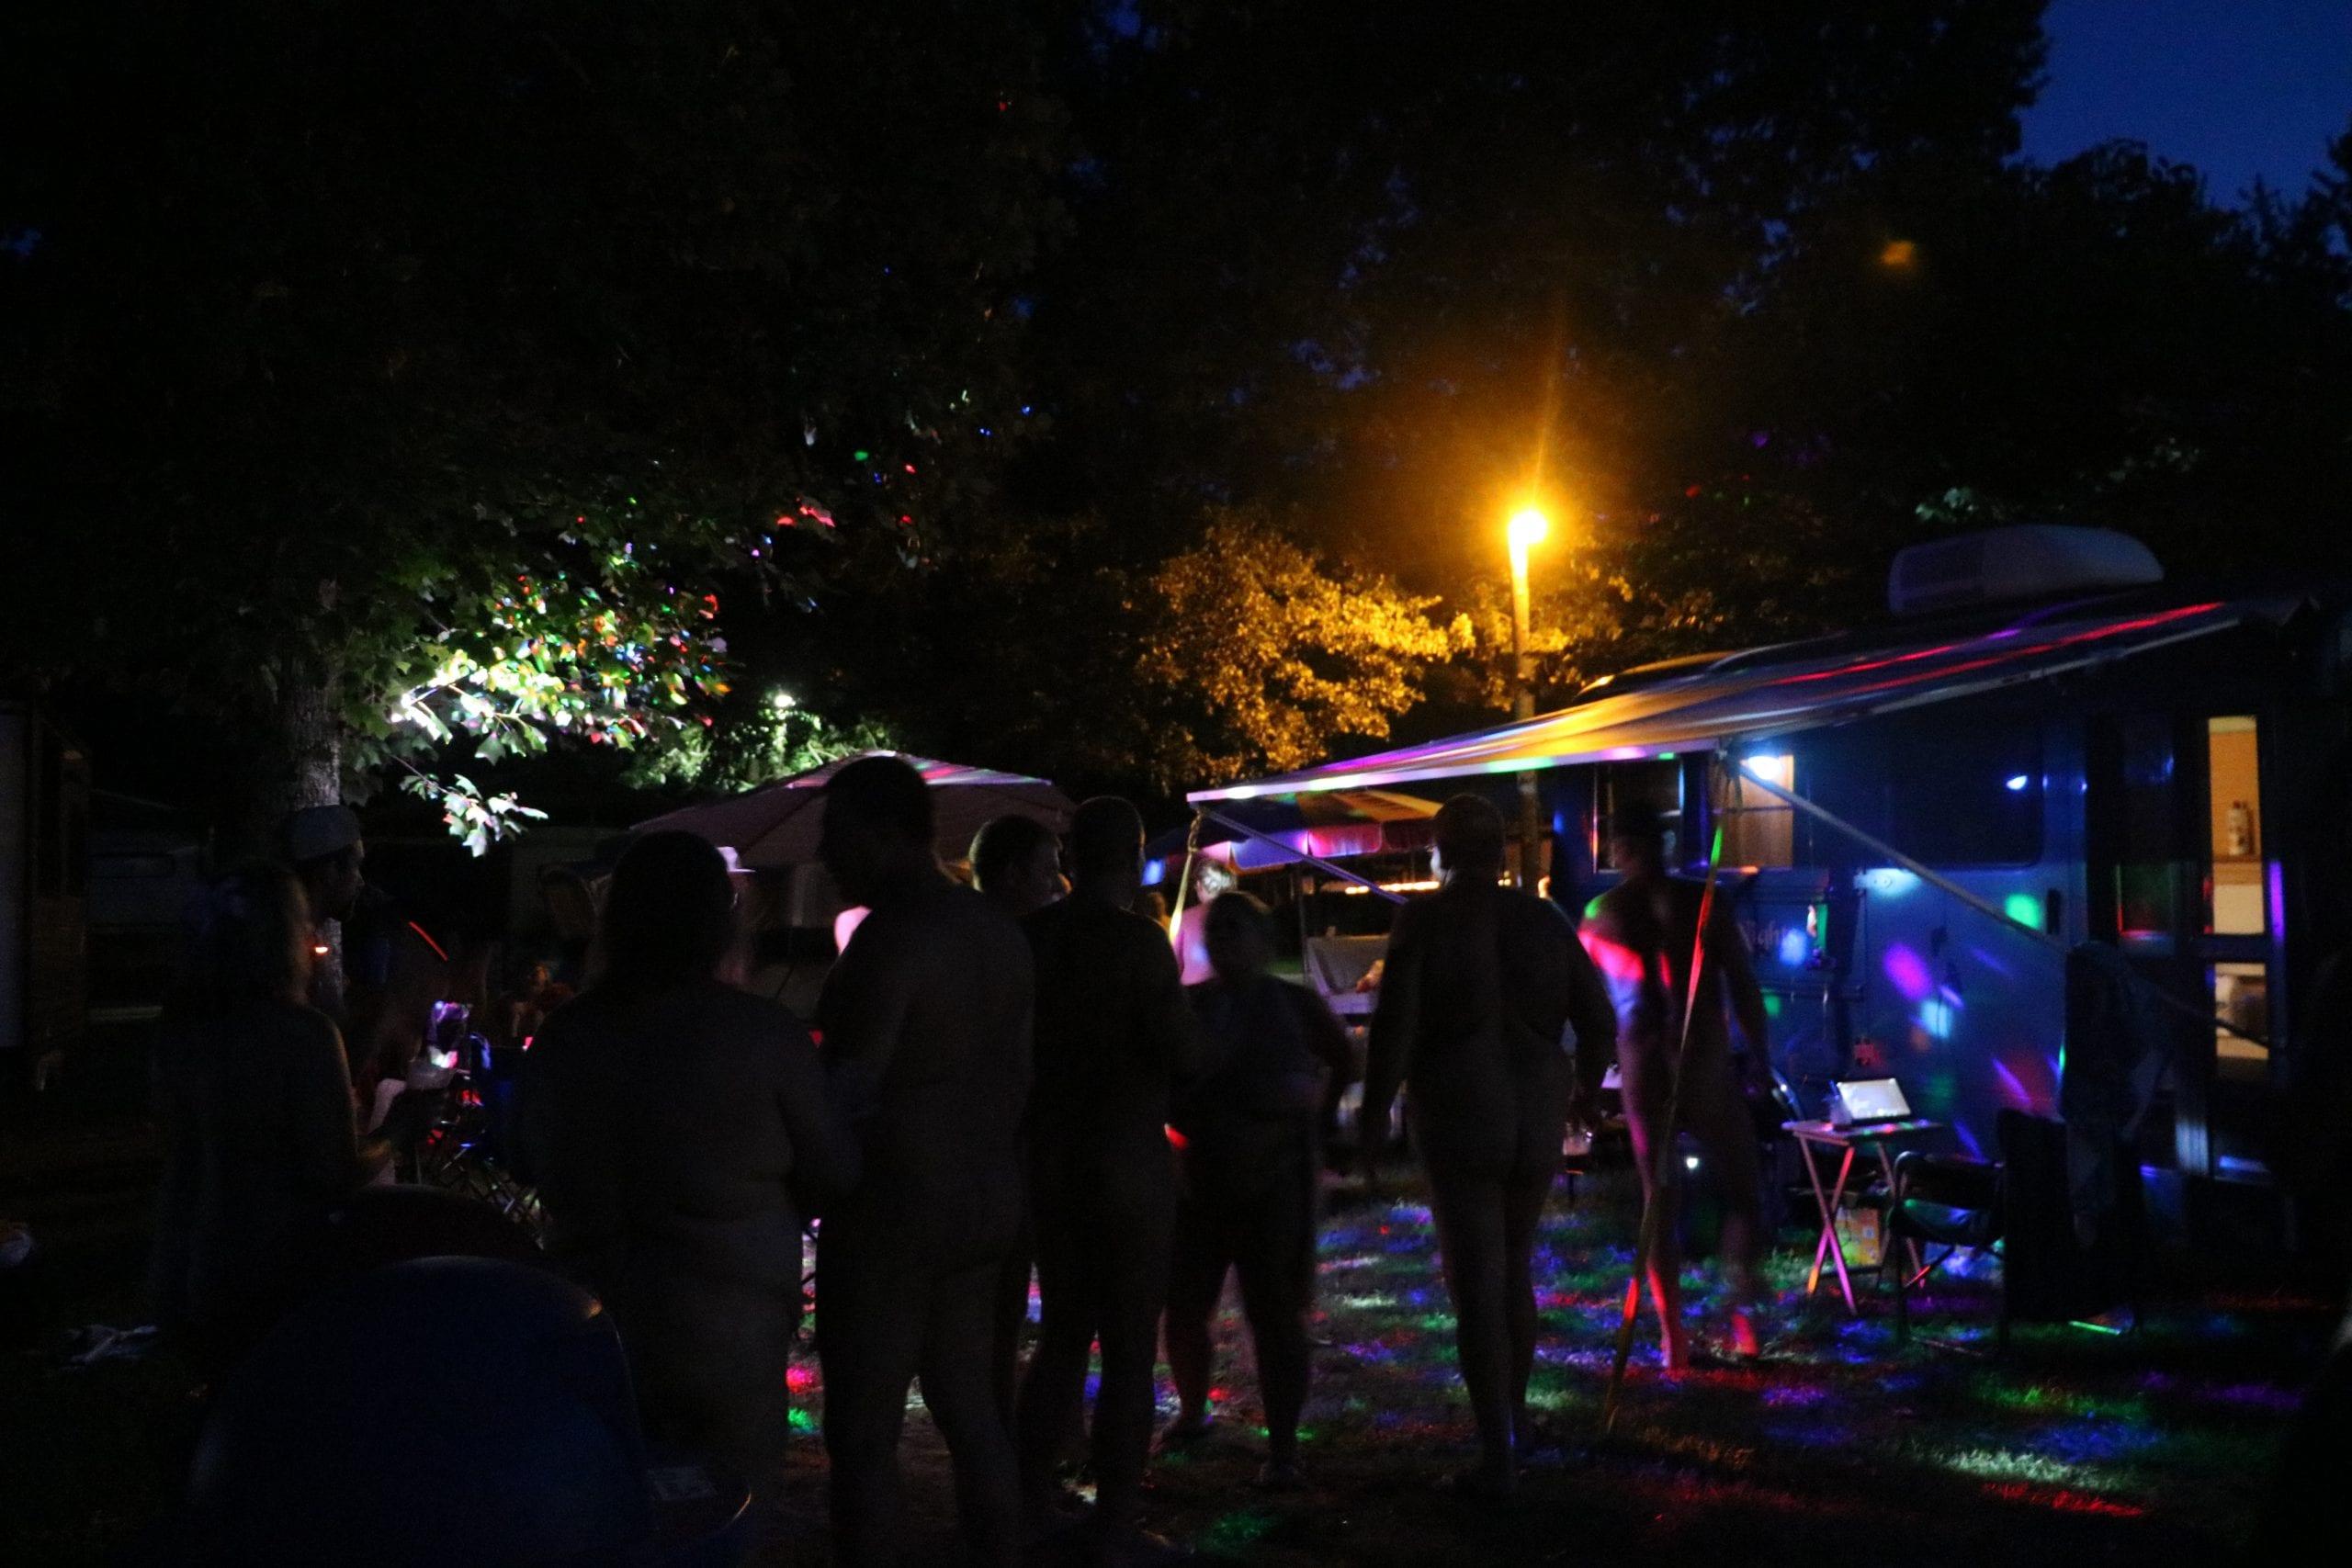 Night Camper lights